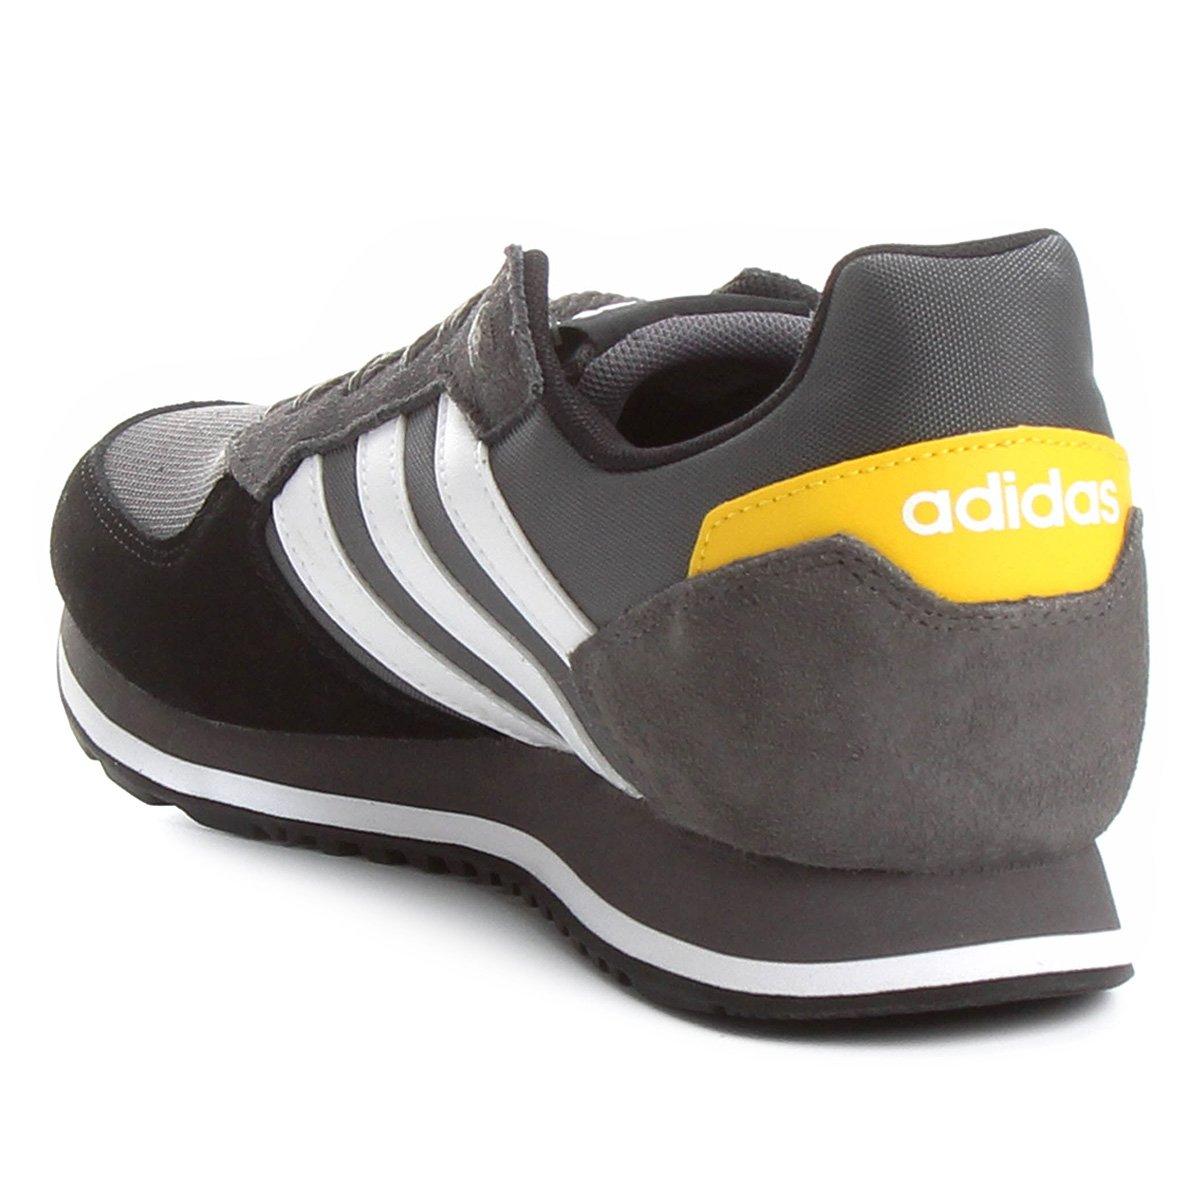 2c0b4500fd Tênis Adidas 8K Masculino - Preto - Compre Agora